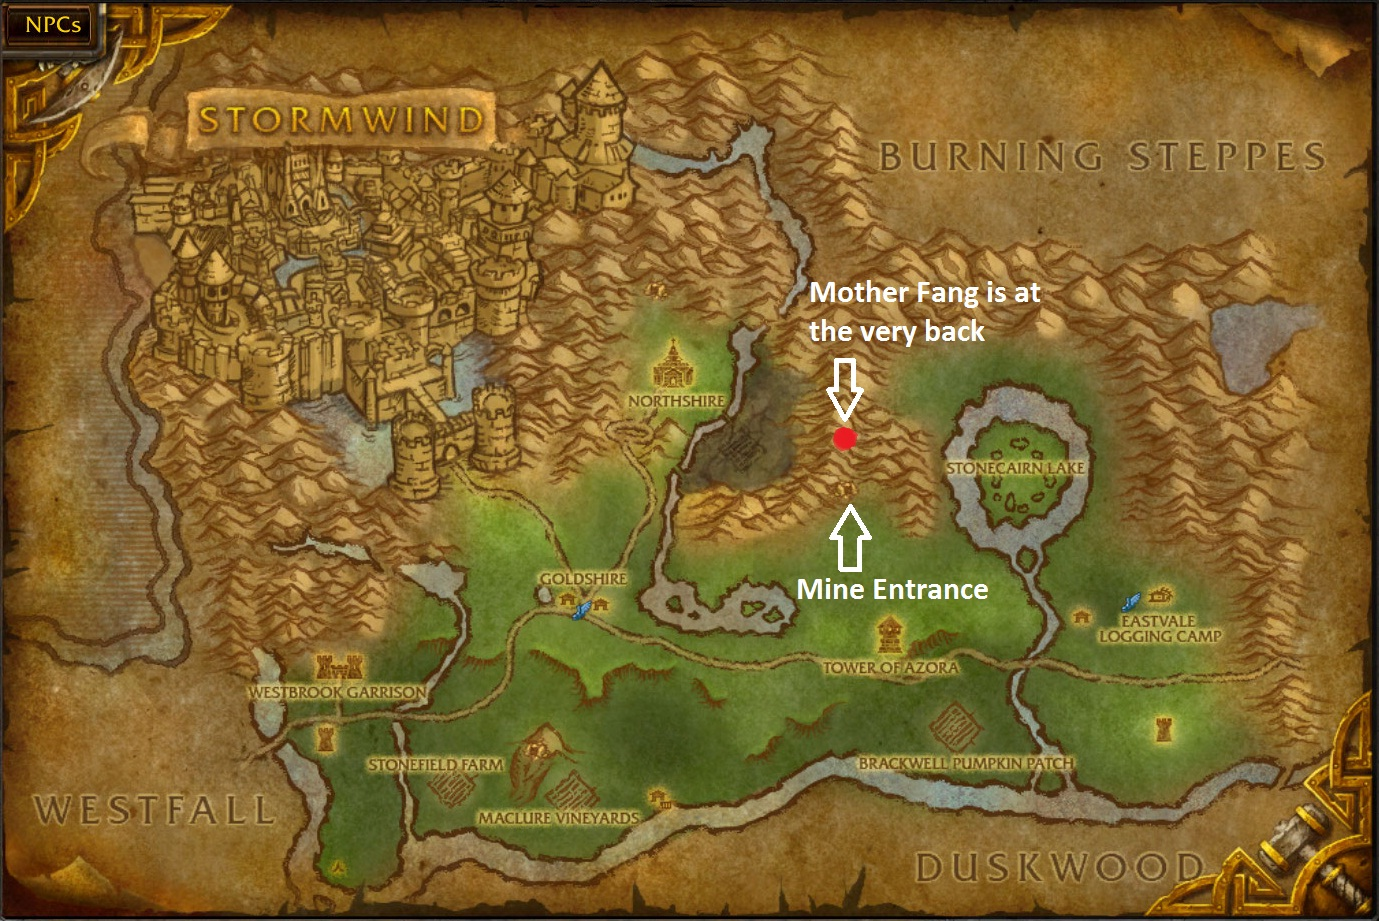 Duskwood mining map